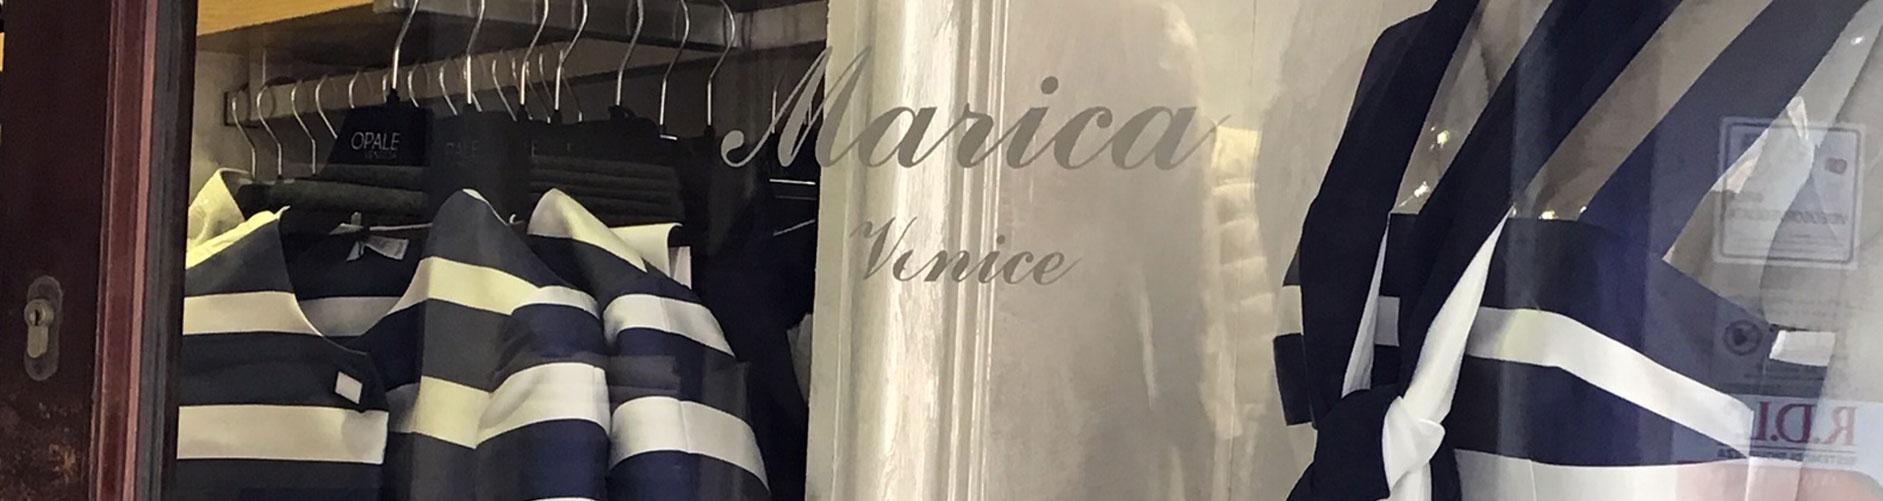 Marica Venice  Collezioni moda donna